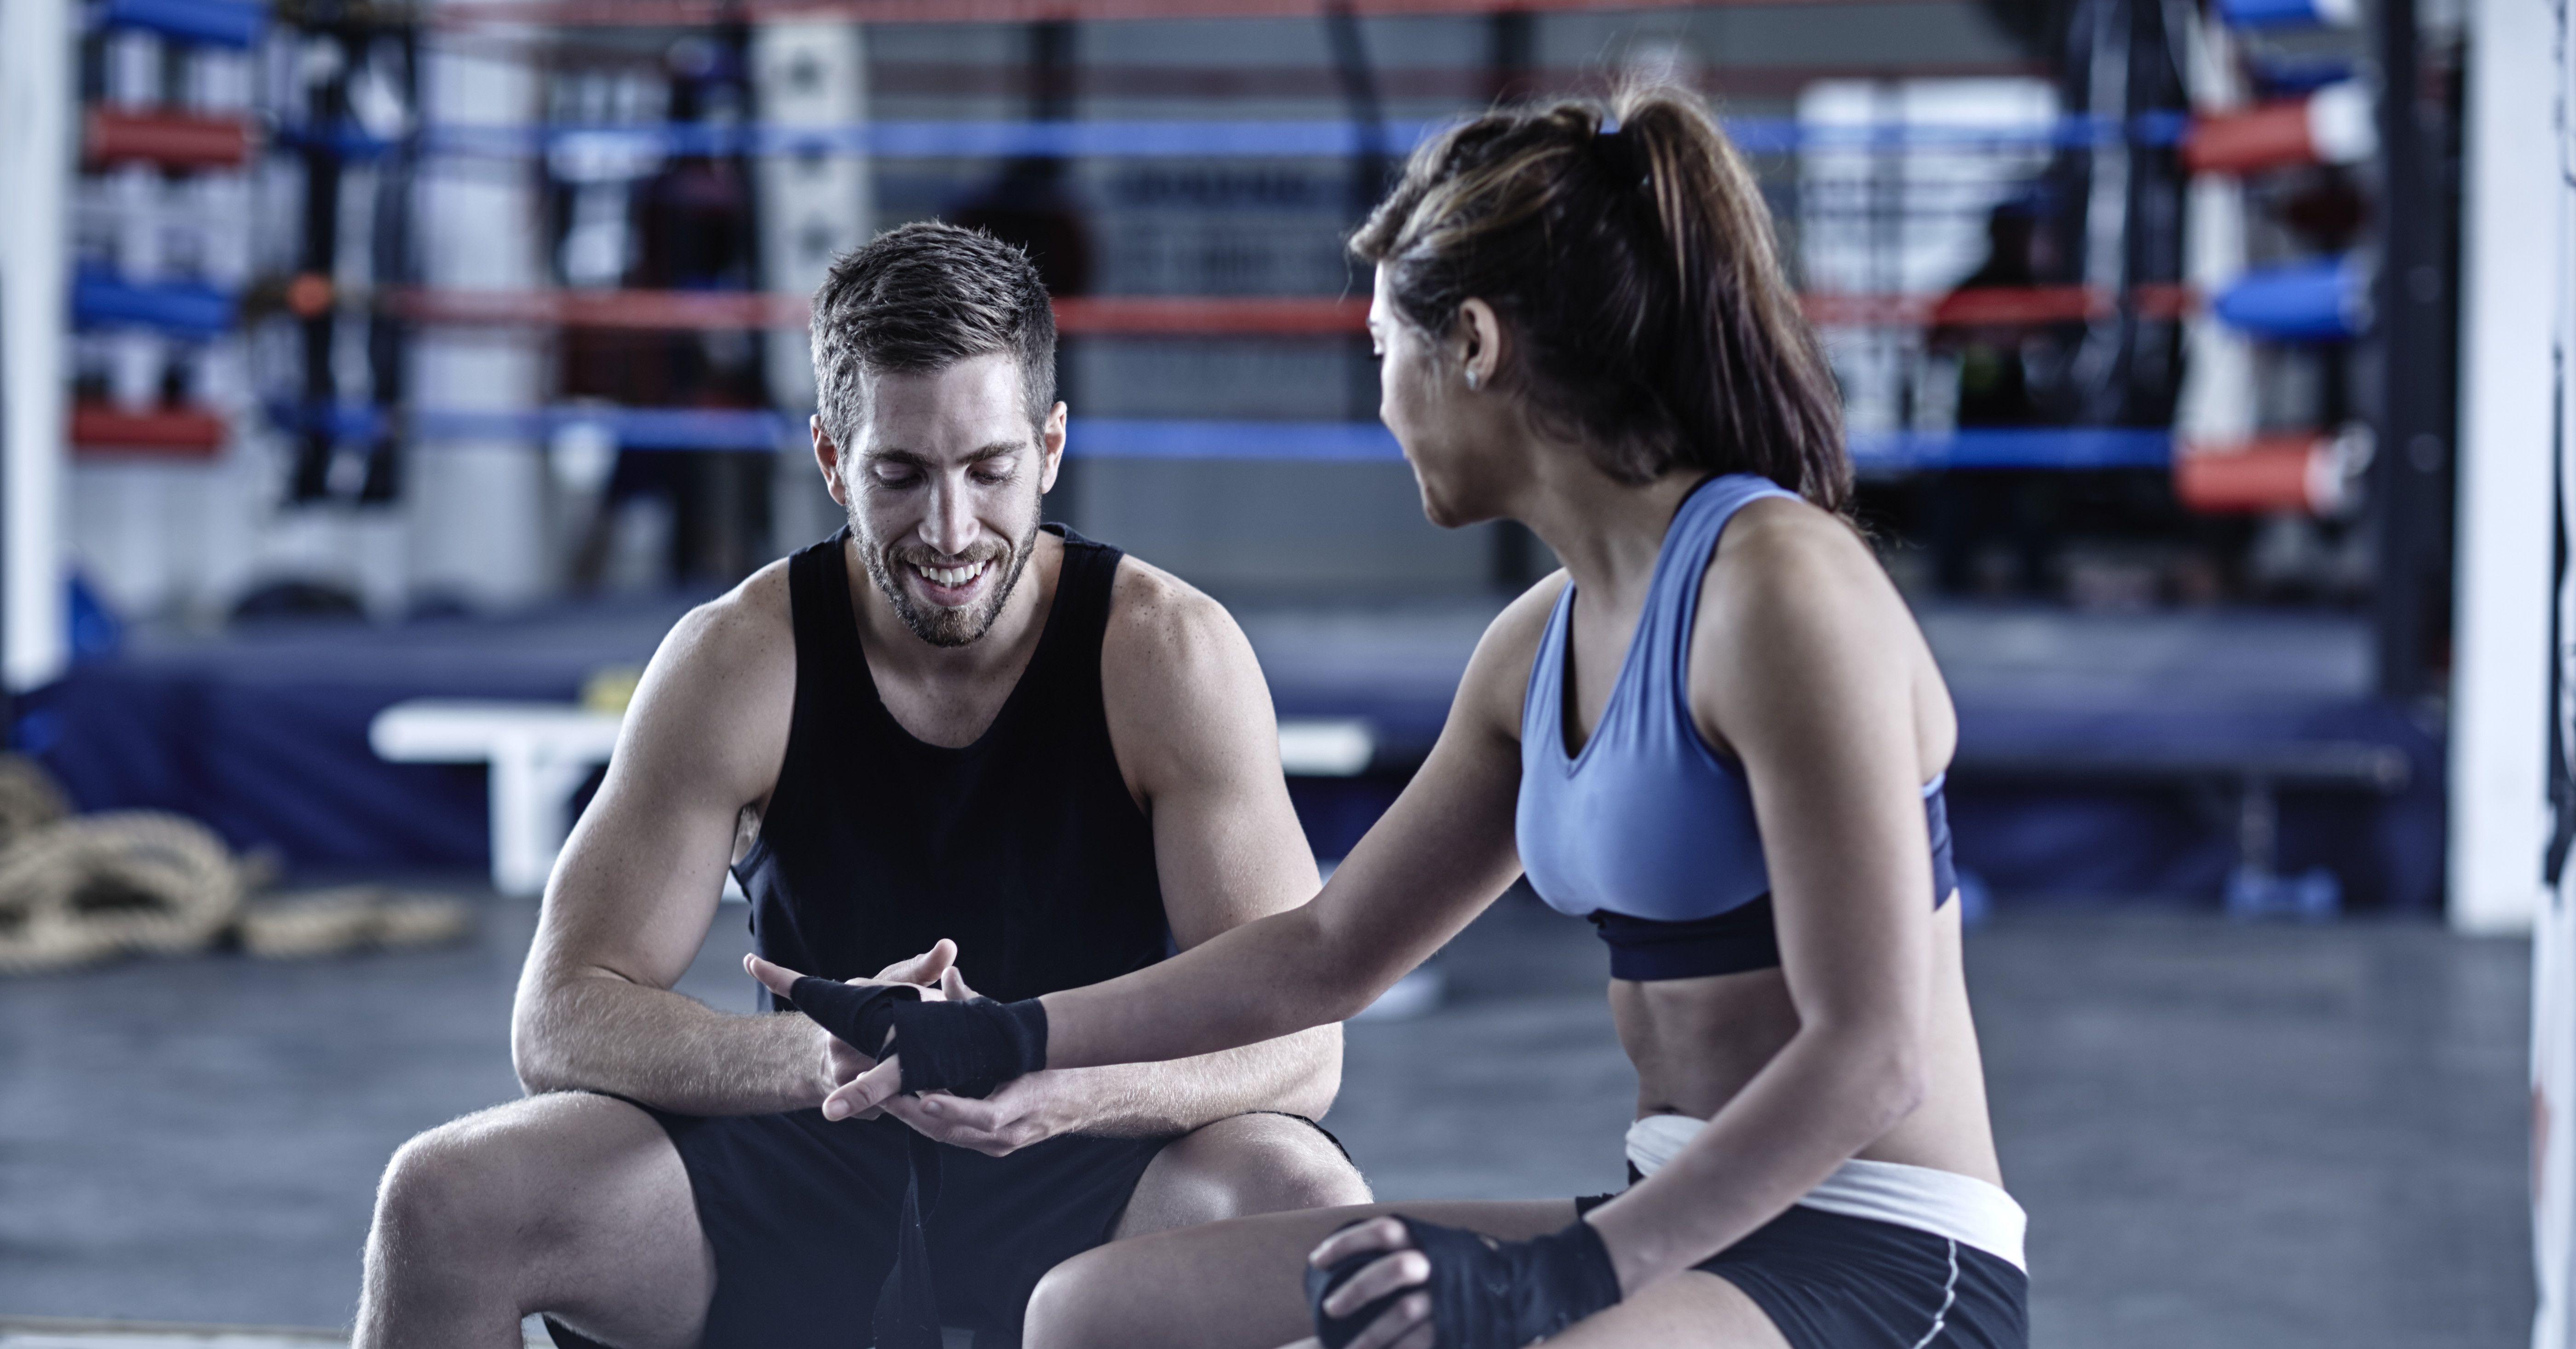 реально ли похудеть в тренажерном зале